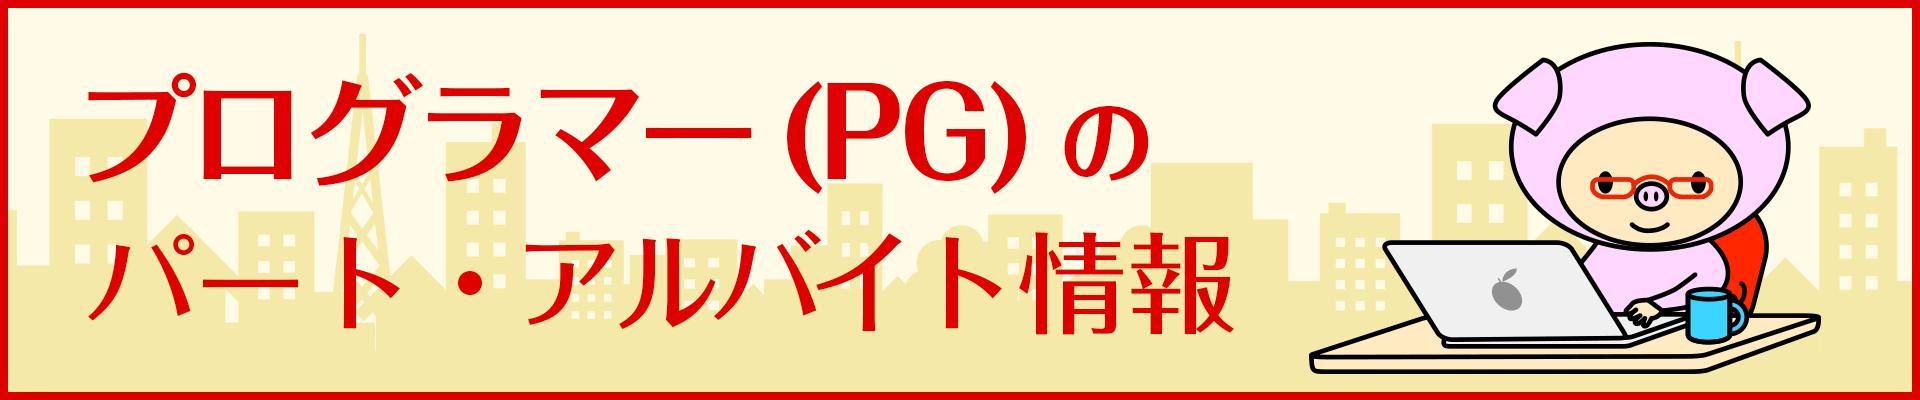 プログラマー(PG)